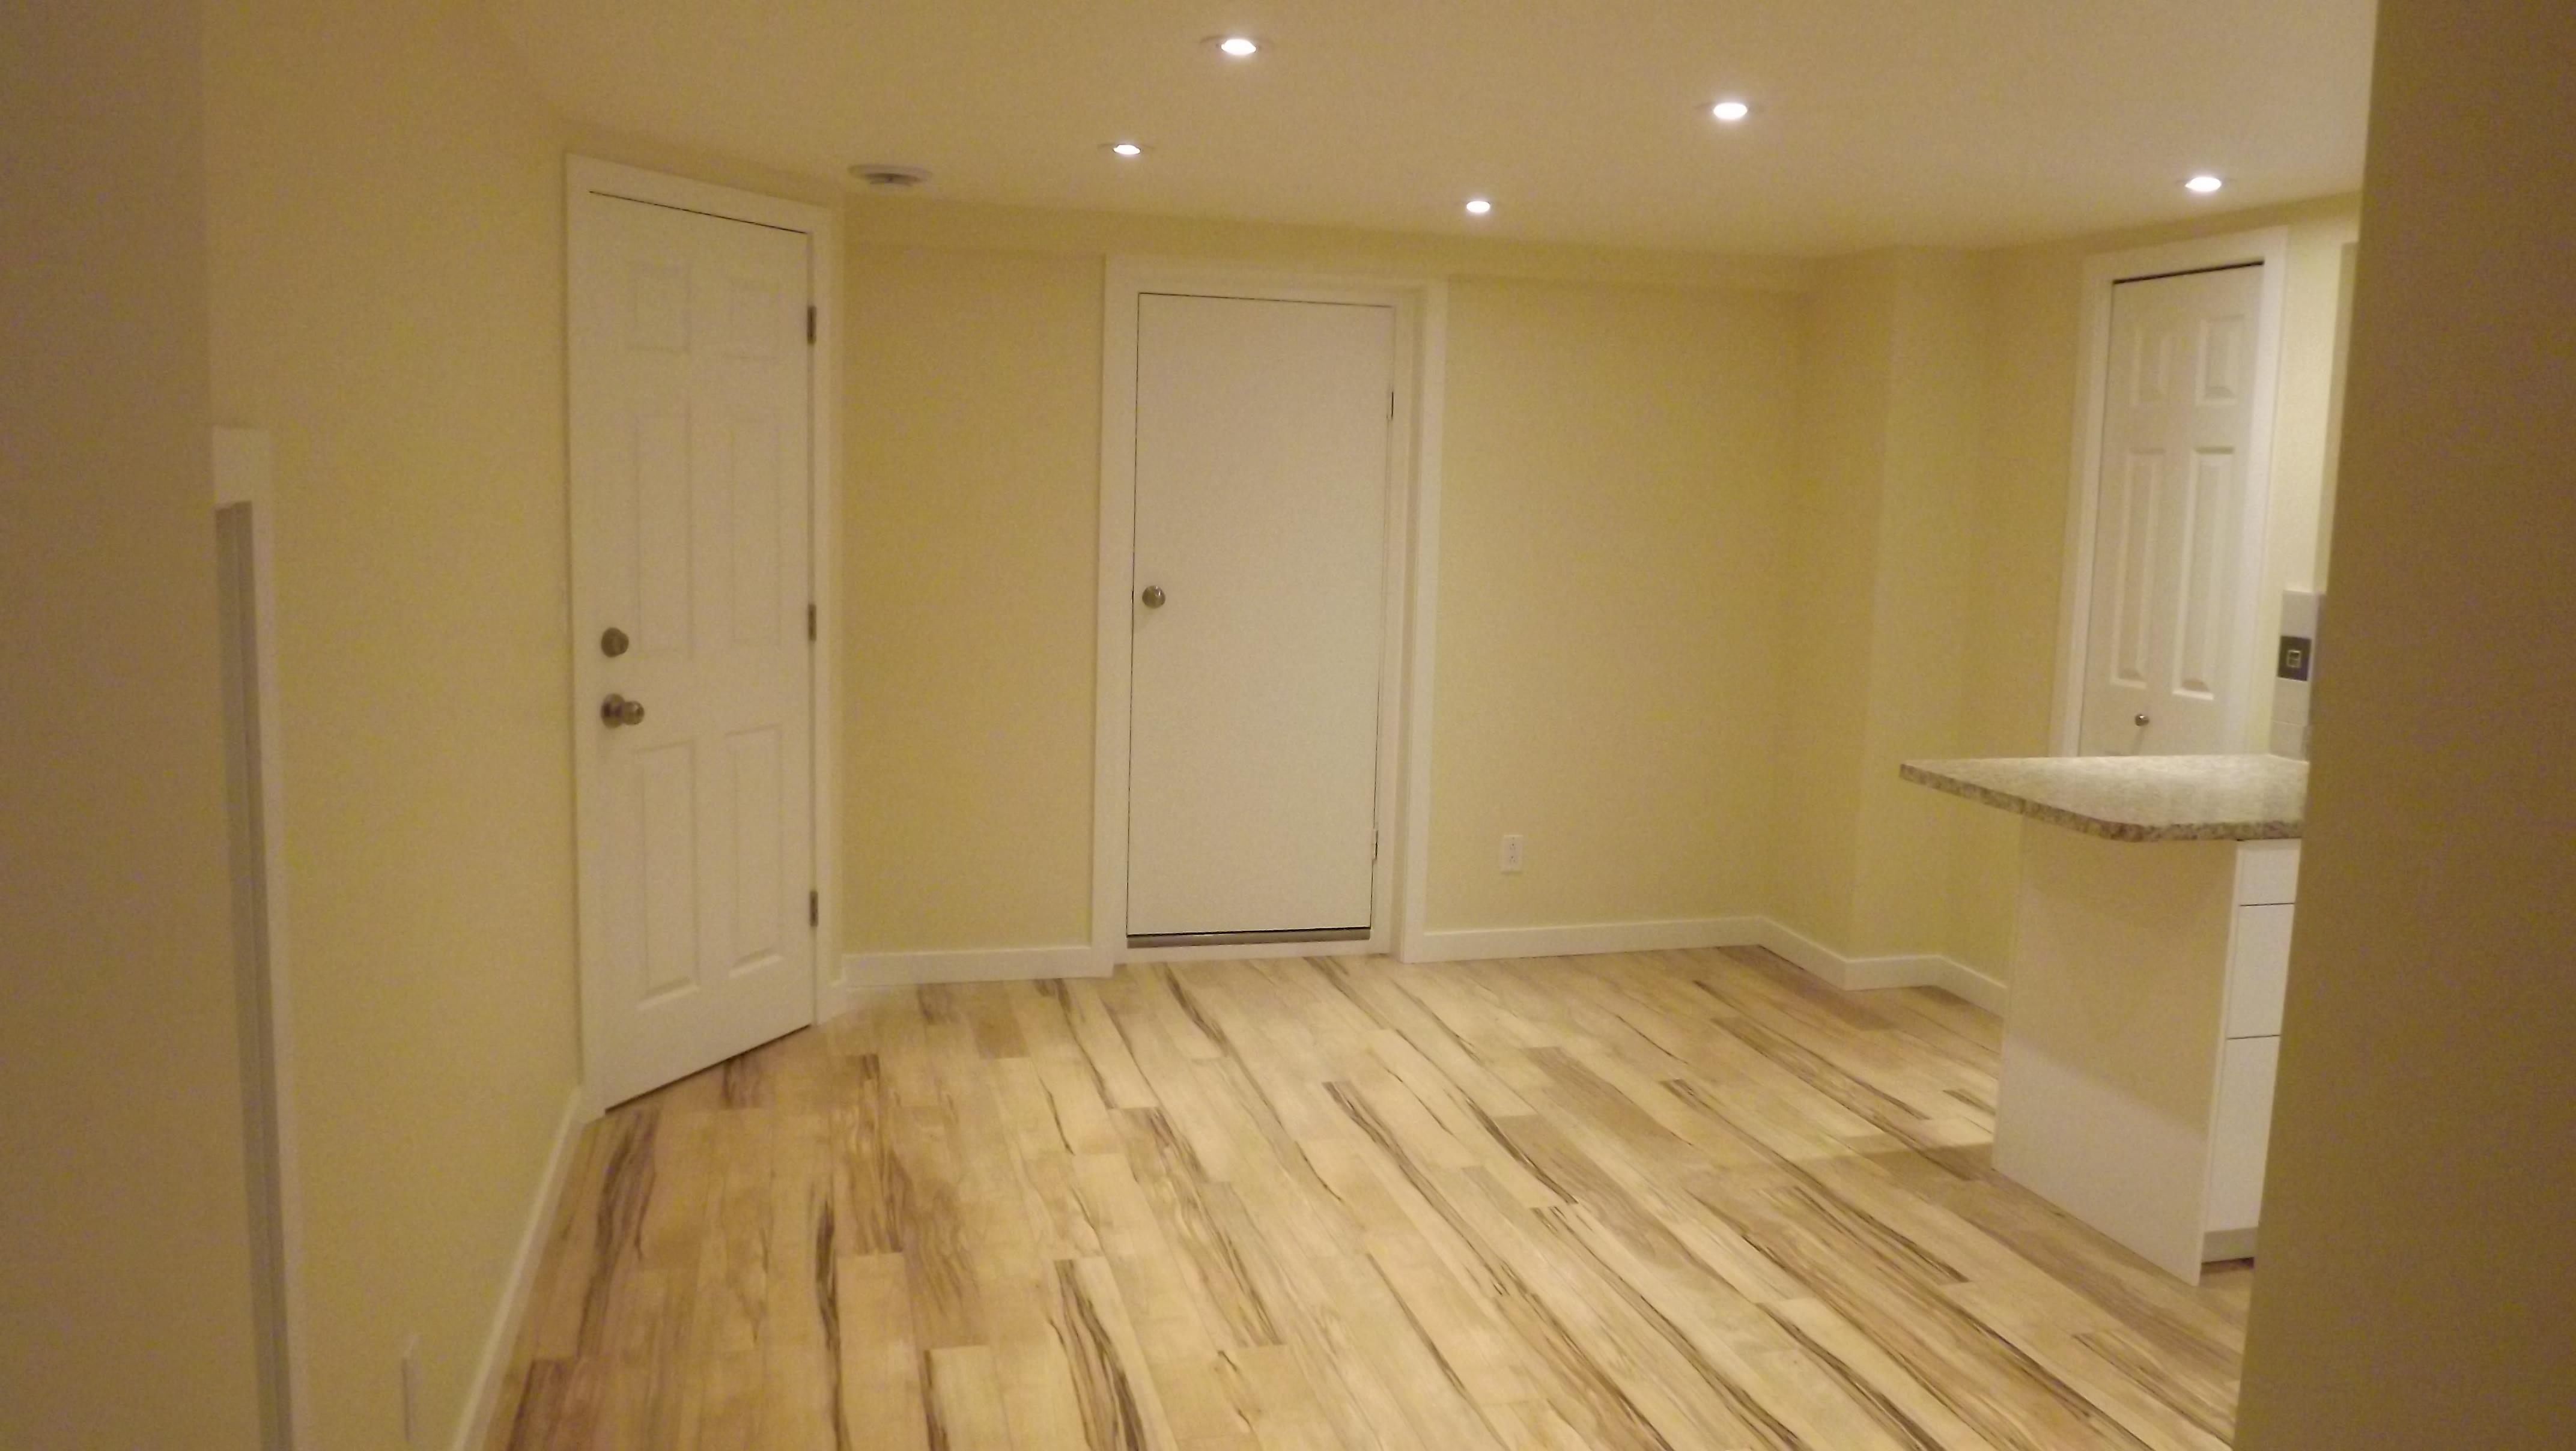 West wall, bedroom door